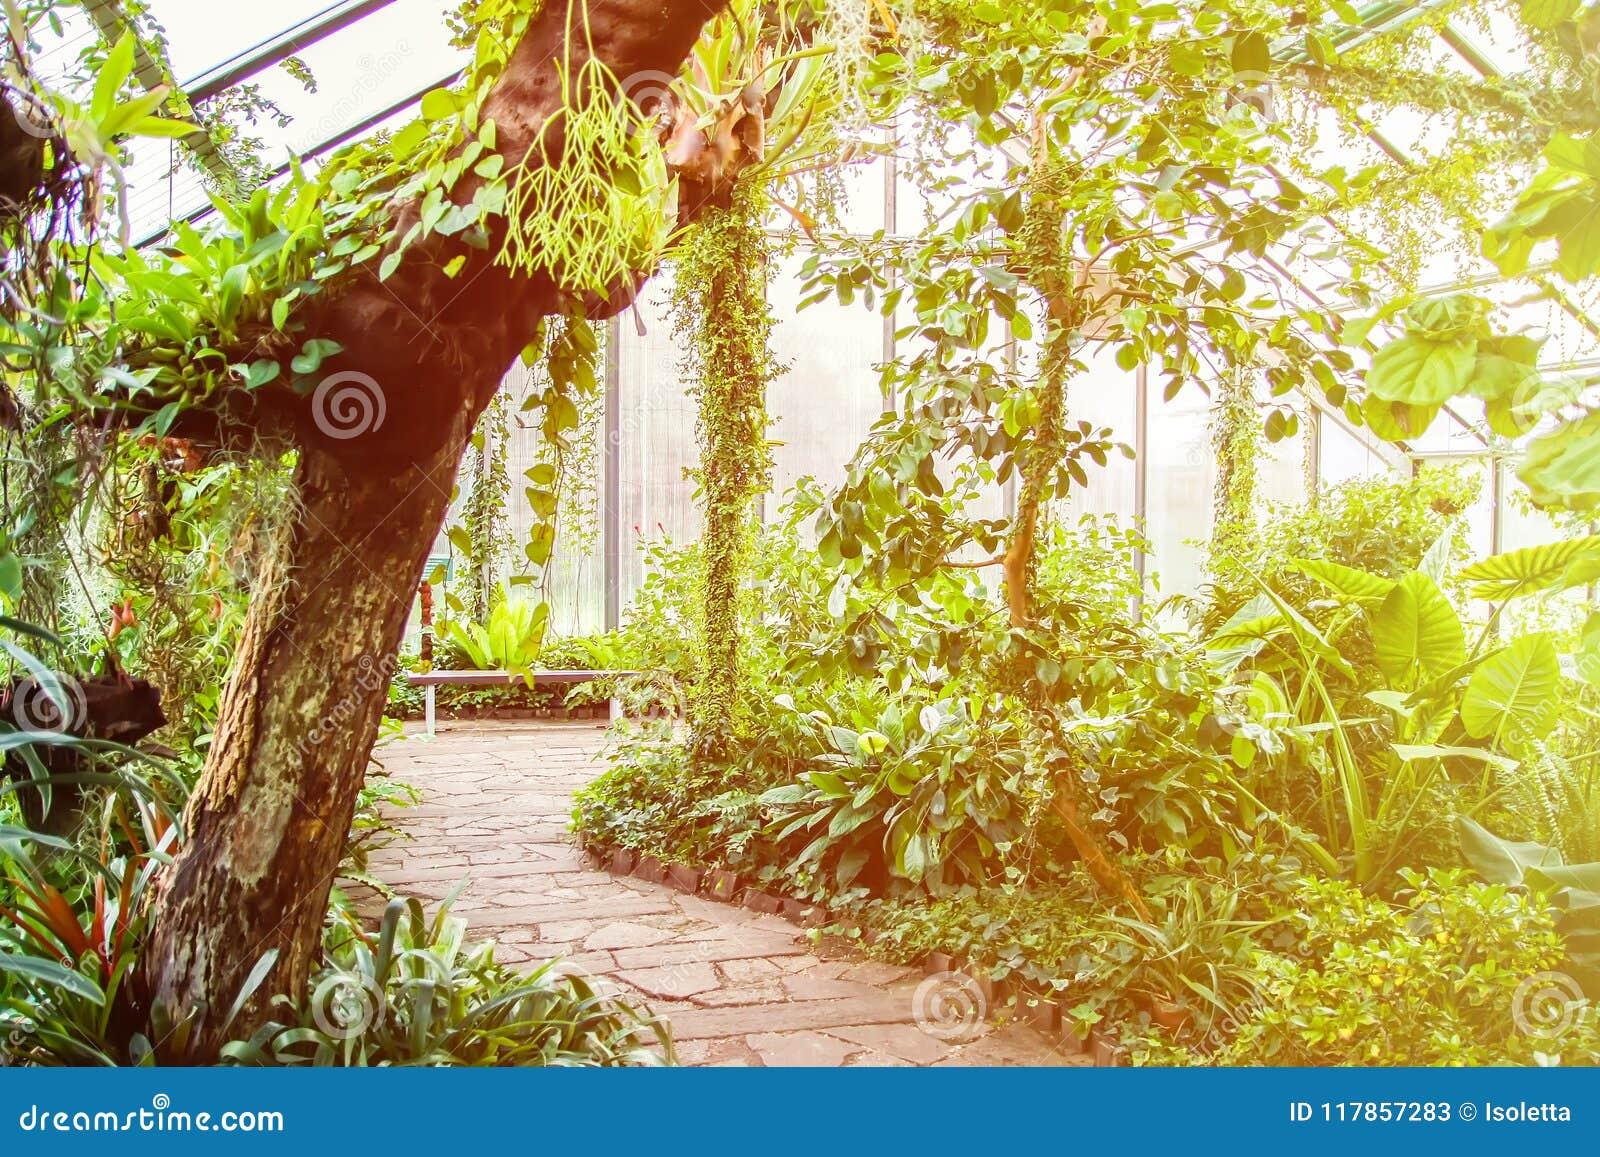 Låter vara tropiskt exotiska växter Grön bakgrund details naturen